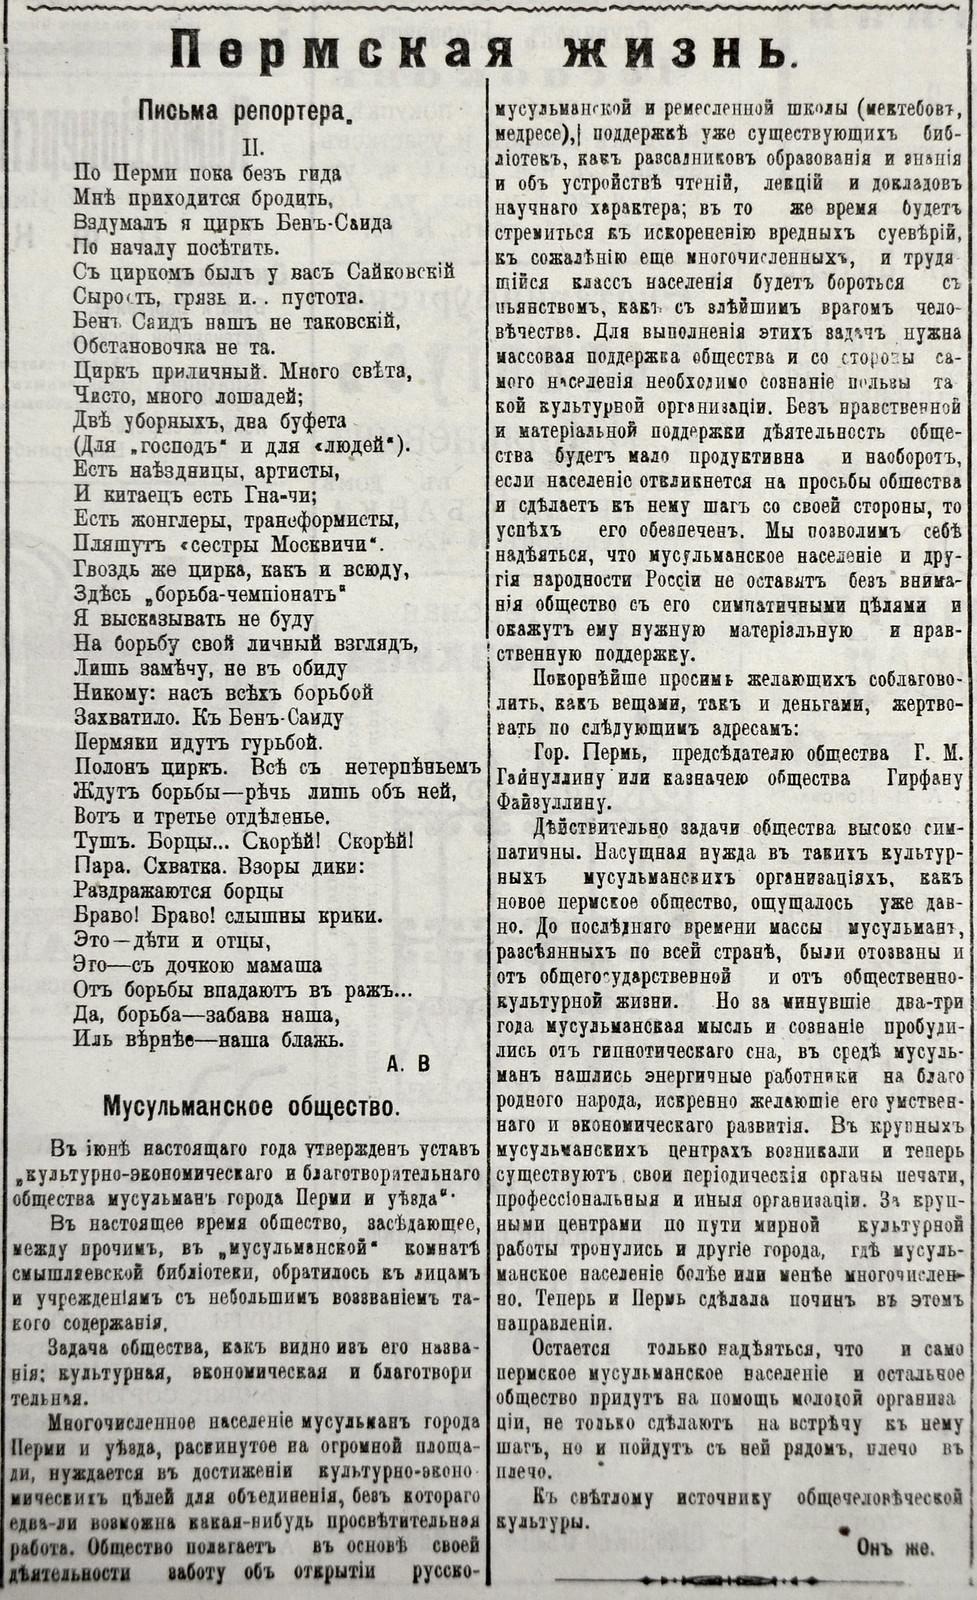 1908-08-19. № 179. Уральский край. Мусульманское общество